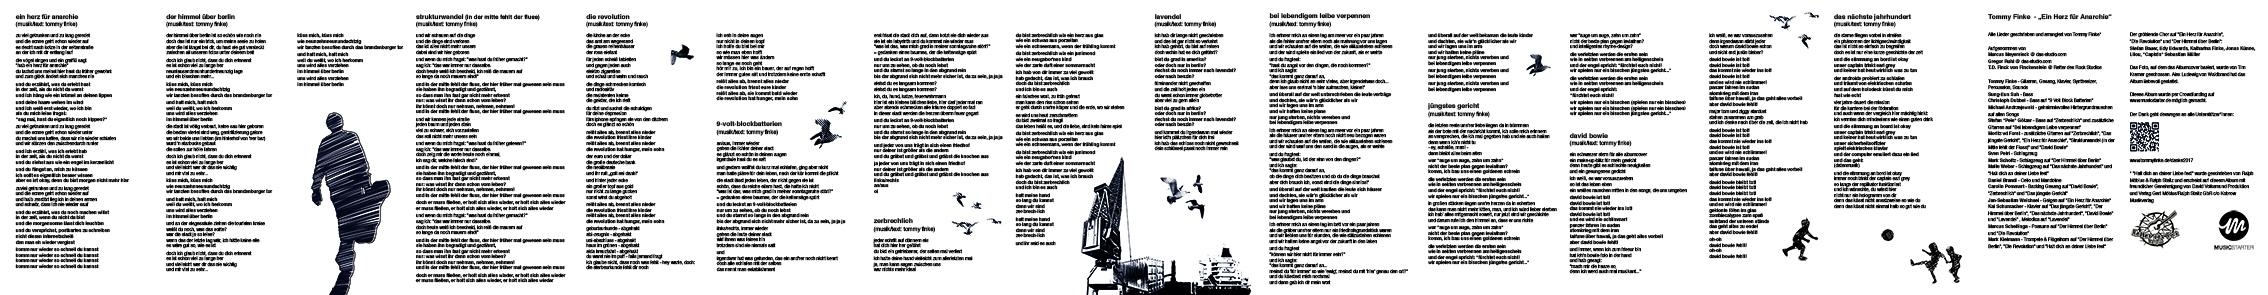 Tommy Finke, CD-Booklet Artwork, Art Work, Booklet, CD Cover, Album Artwork, Design, Illustration, Grafik, Layout, Gestaltung, Musik, Künstler, Bochum, Plakate, Poster